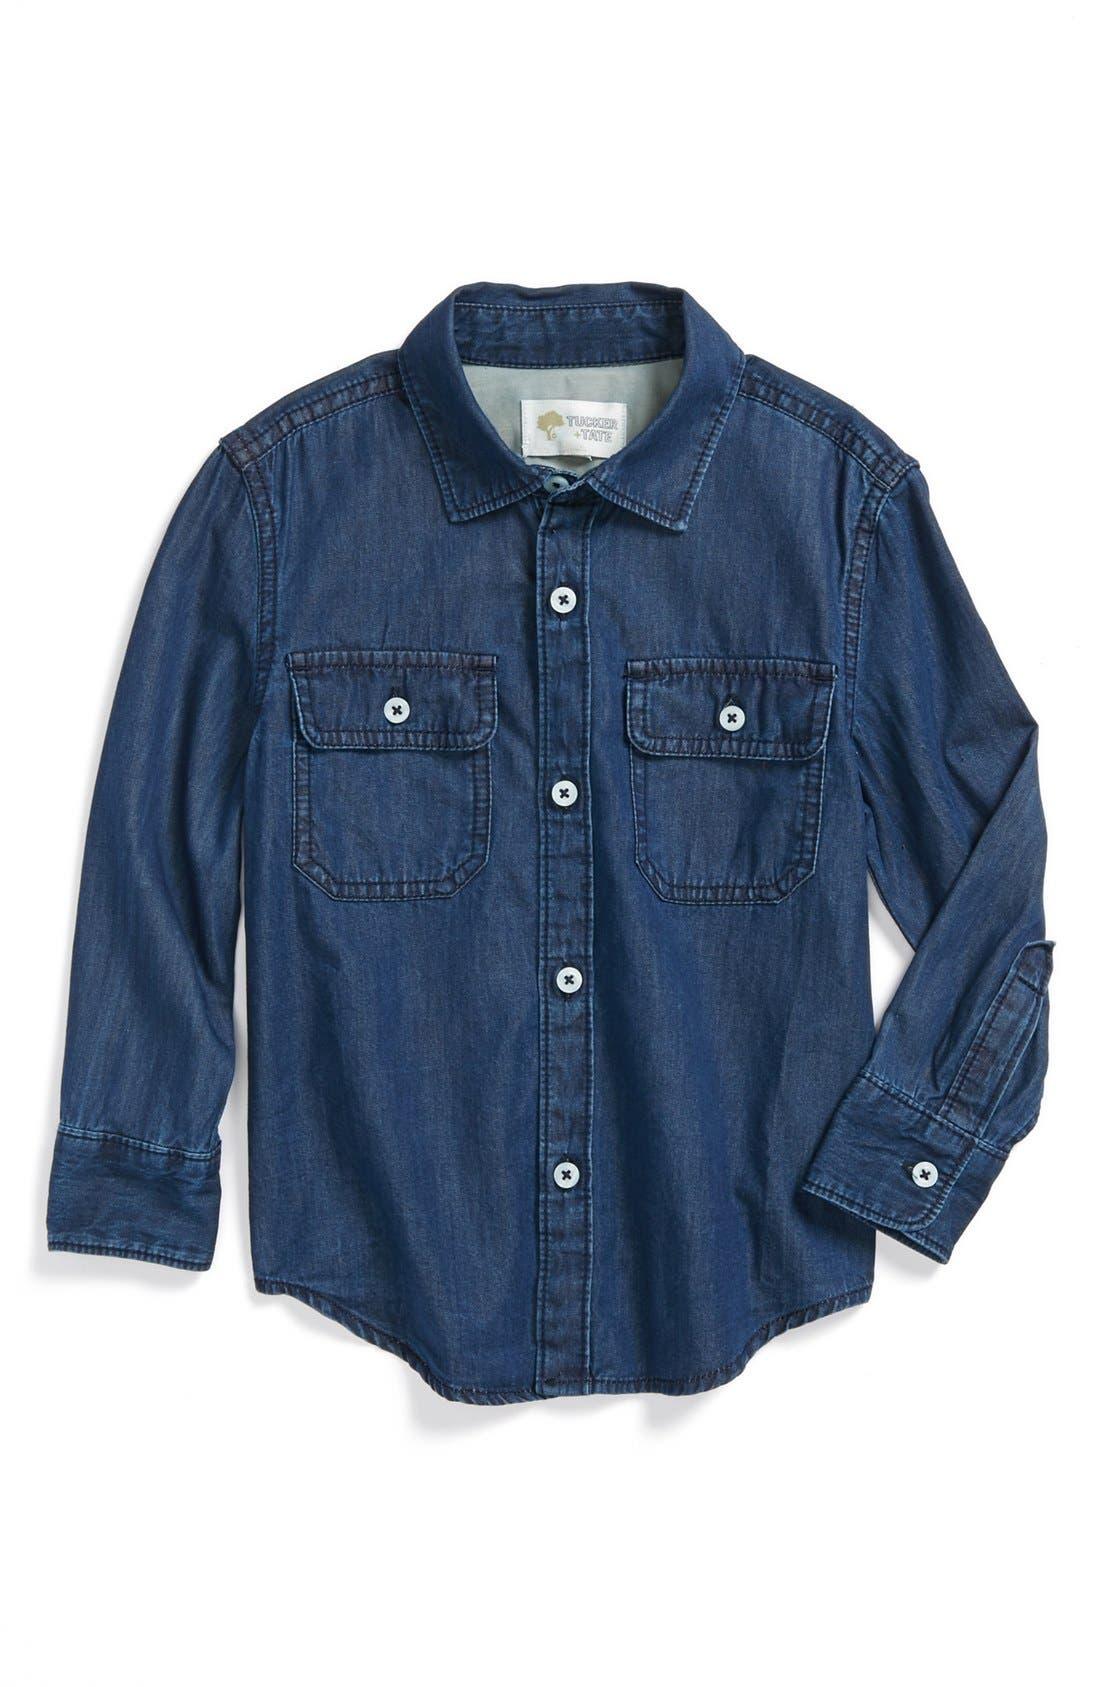 Alternate Image 1 Selected - Tucker + Tate 'Anker' Denim Shirt (Toddler Boys)